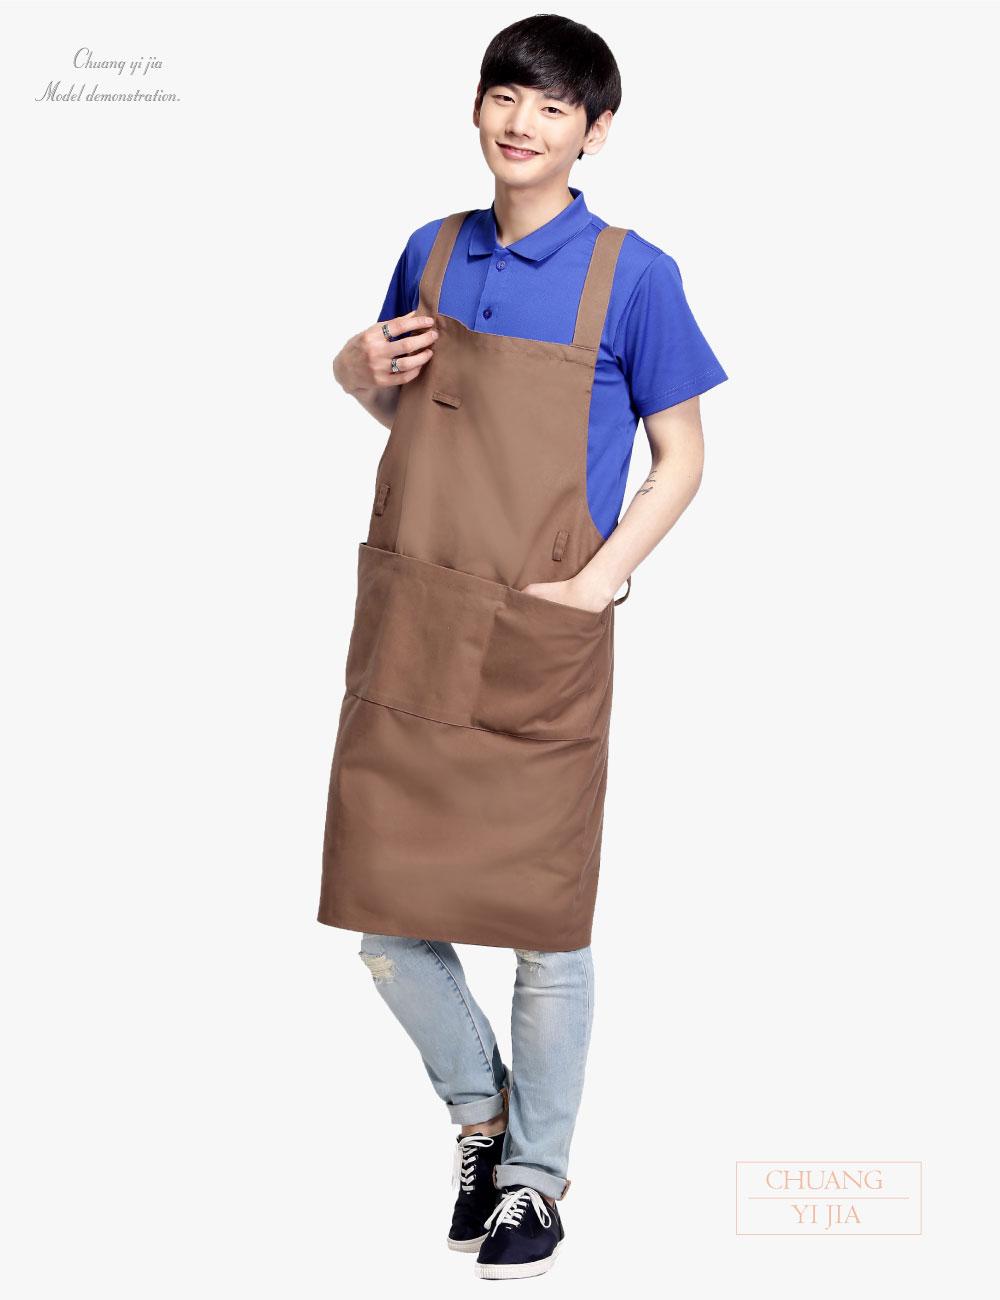 創意家團體服,台灣生產製造,圍裙,料理圍裙,防潑水圍裙,工作圍裙,專業圍裙,廚師圍裙,烘培圍裙,園藝圍裙,防髒圍裙,日式圍裙,半截圍裙,圍裙訂製,職人日式圍裙圍